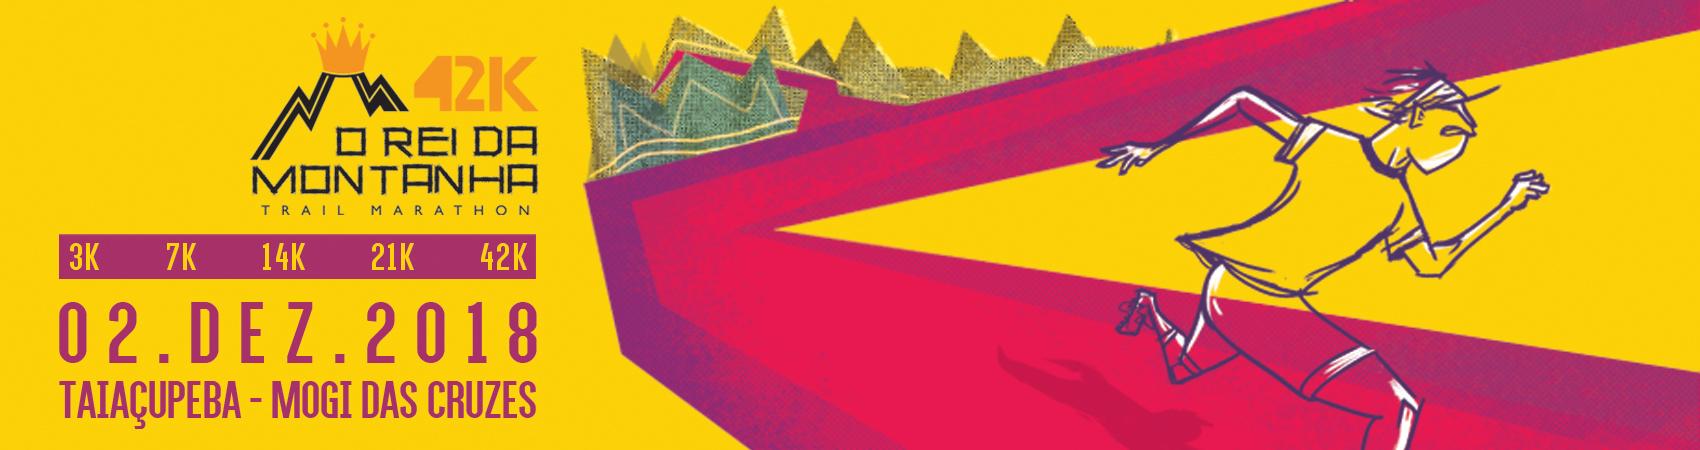 O REI DA MONTANHA - TRAIL MARATHON - Imagem de topo